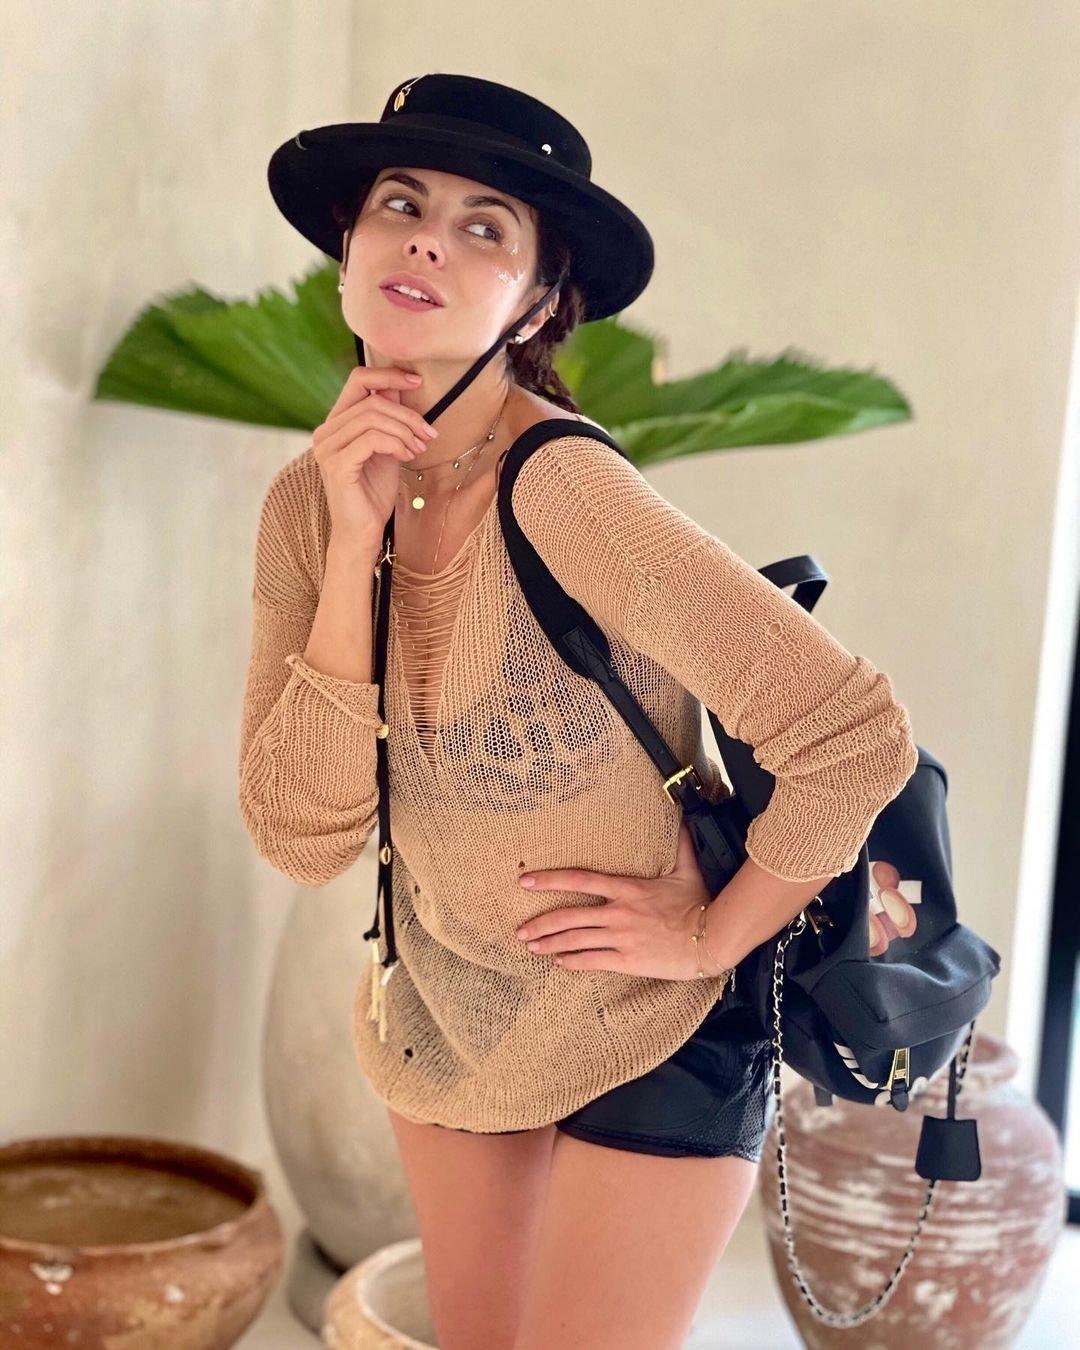 Настя Каменских собрала стильный наряд для активной летней прогулки